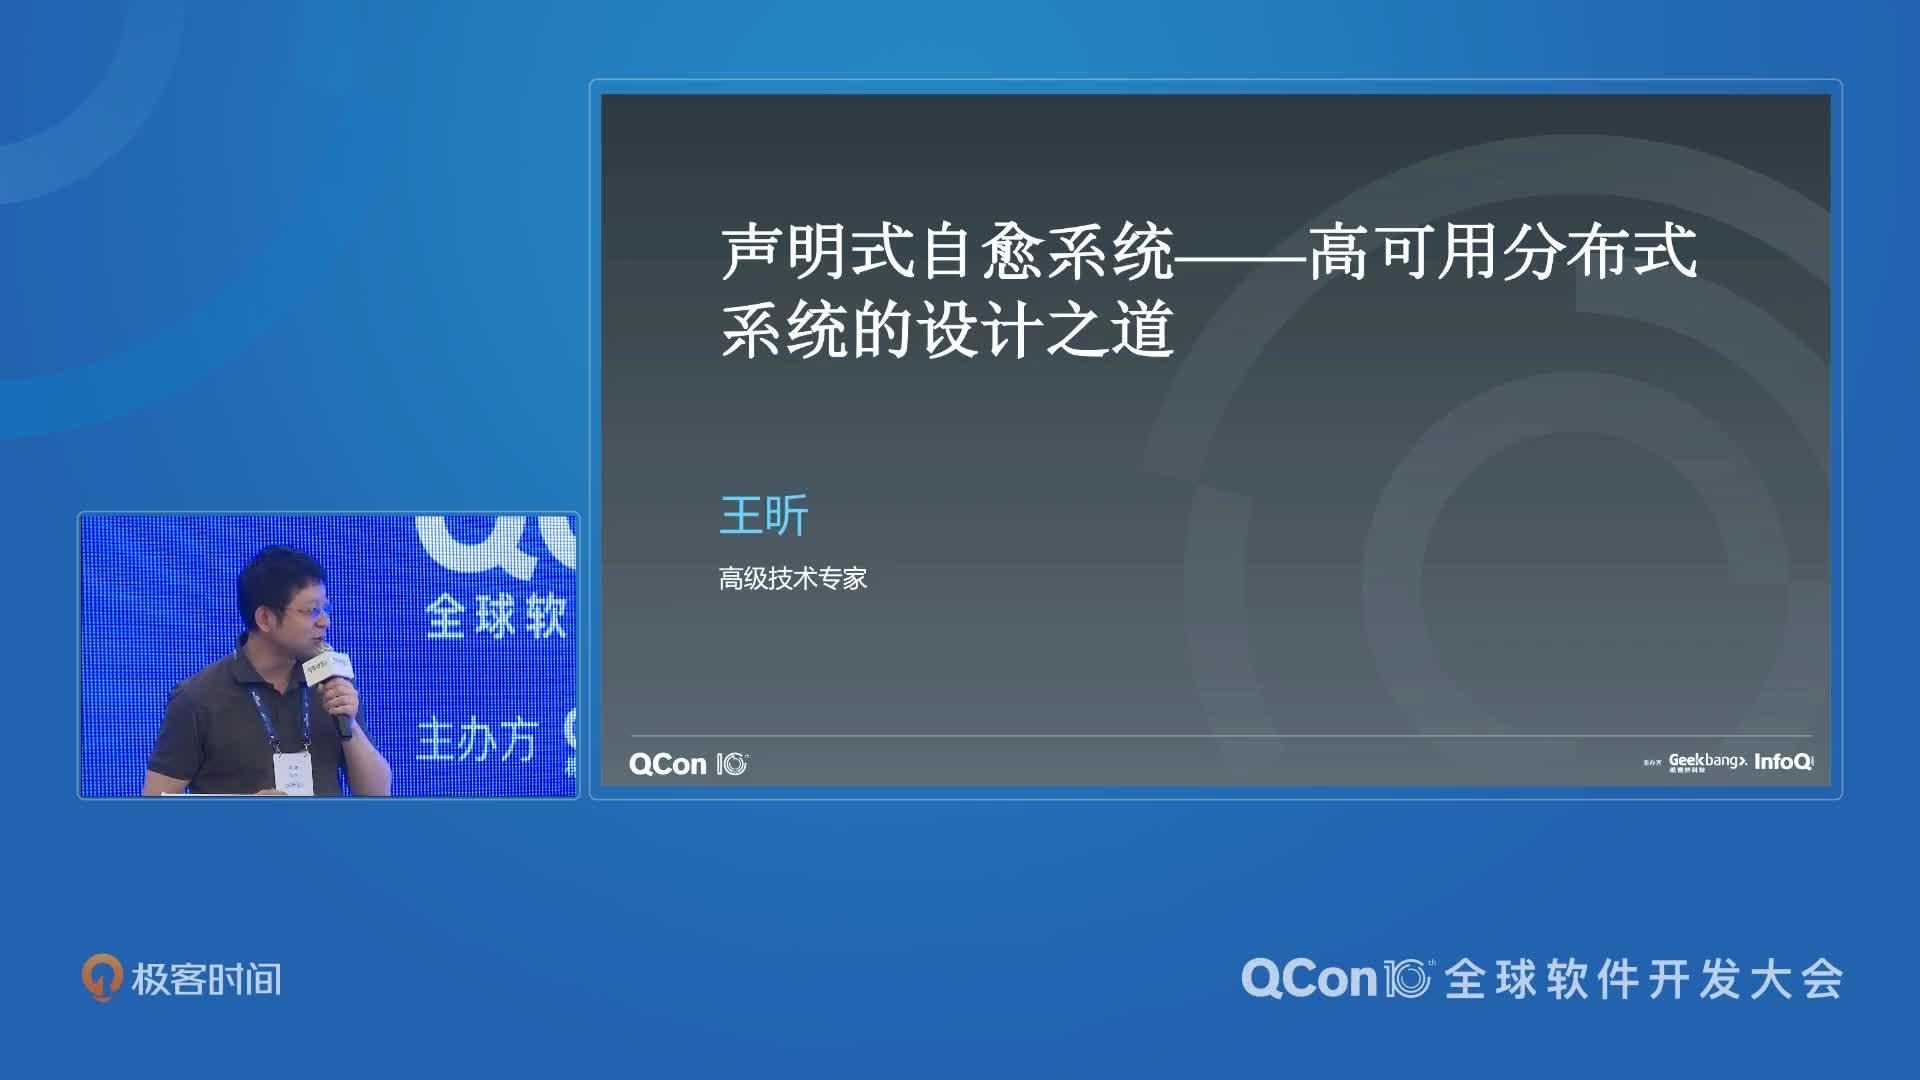 声明式自愈系统——高可用分布式系统的设计之道 |QCon